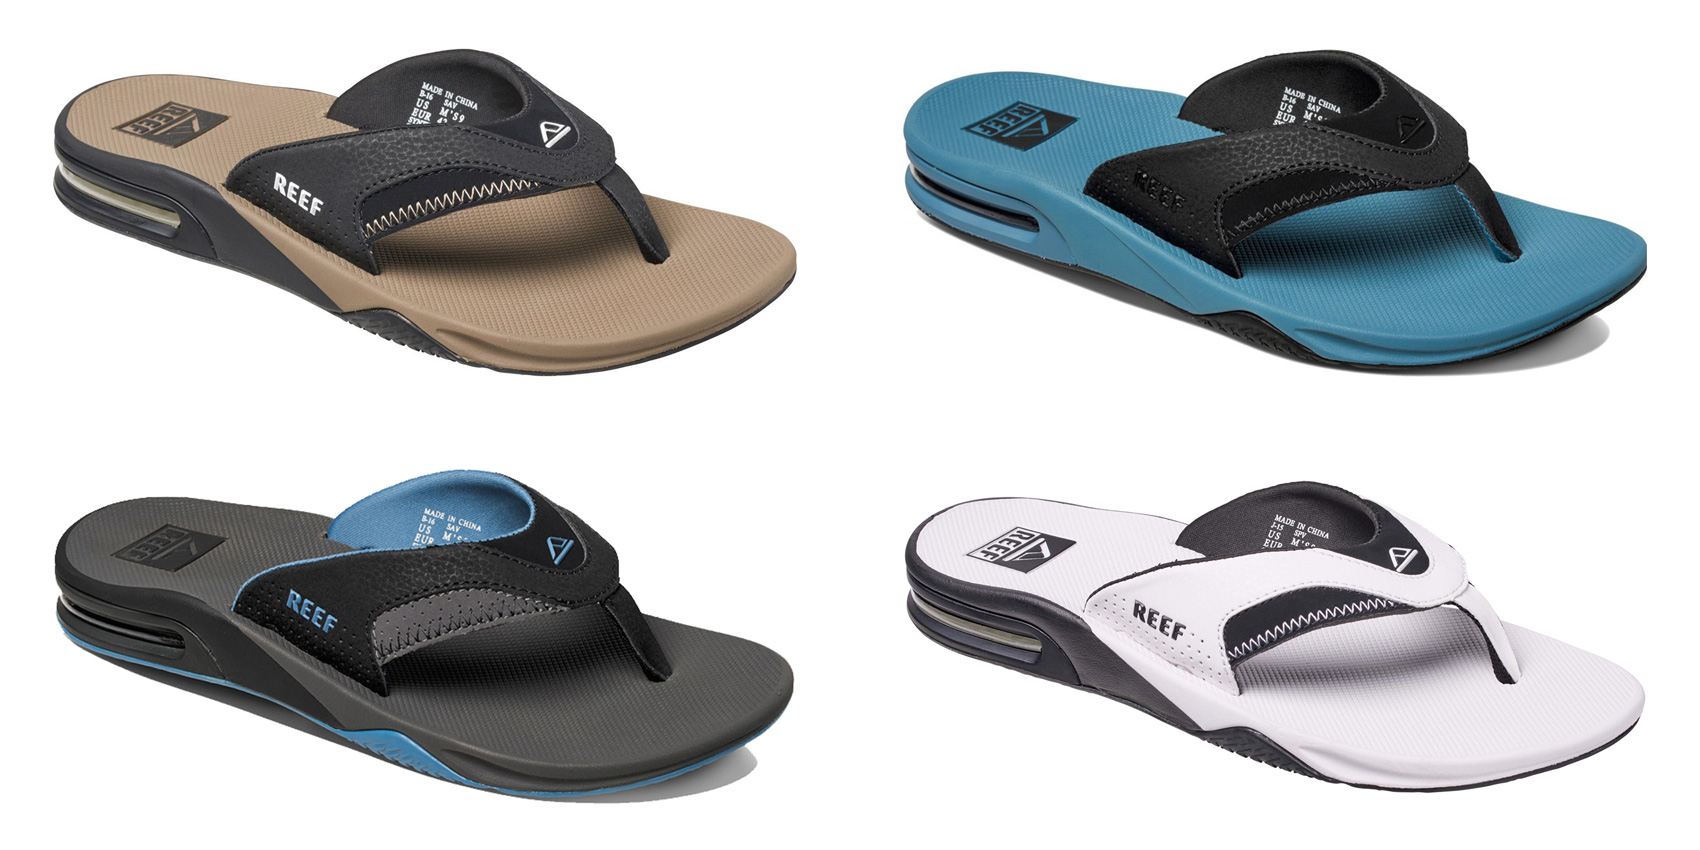 c74c4a41756ce1 Details about Reef Sandal - Fanning - Flip Flops